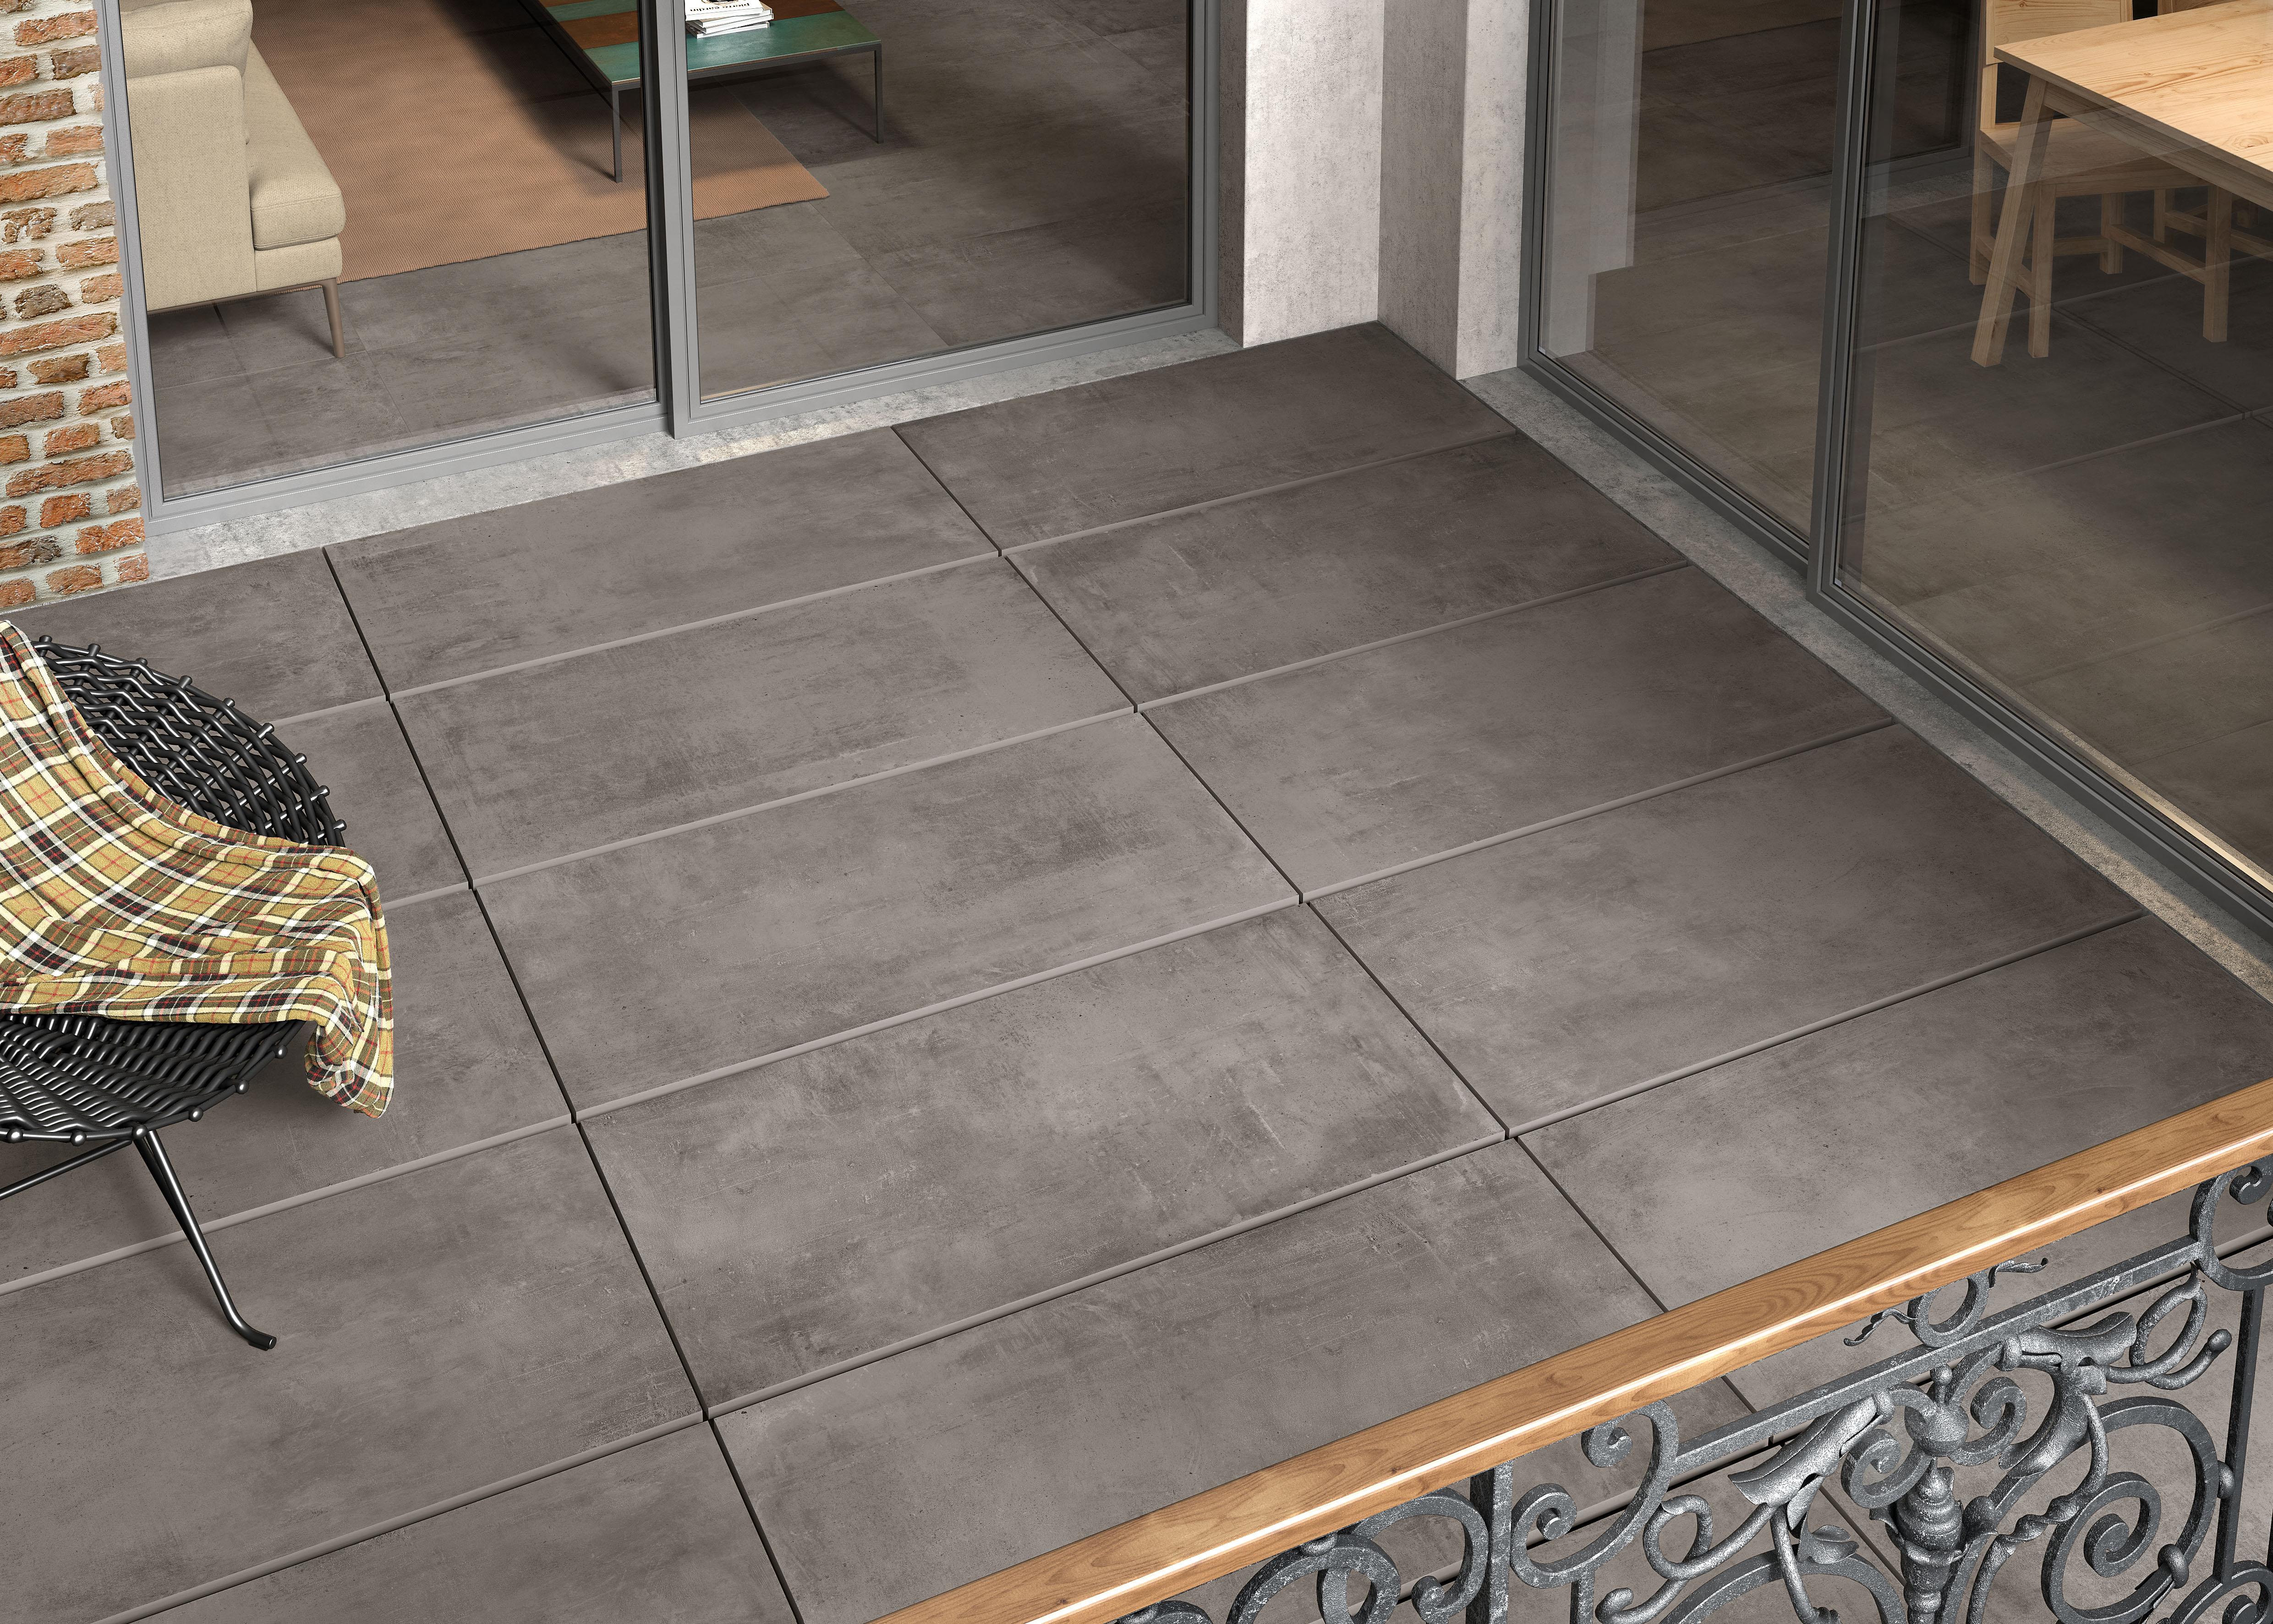 Dunkel Grau Betonfliesen auf der Balkon, dark grey concrete effect tiles on the balcony